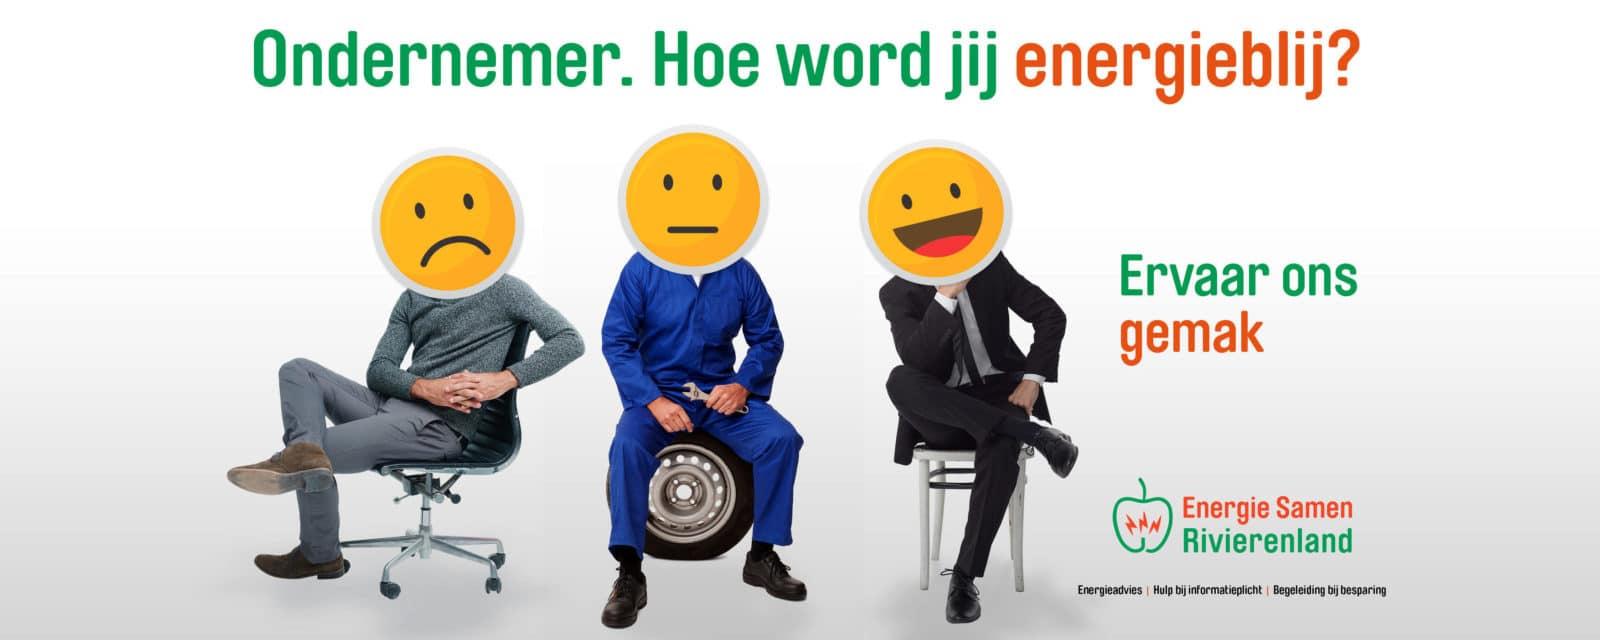 Energiesamen campagnebeeld_txt2